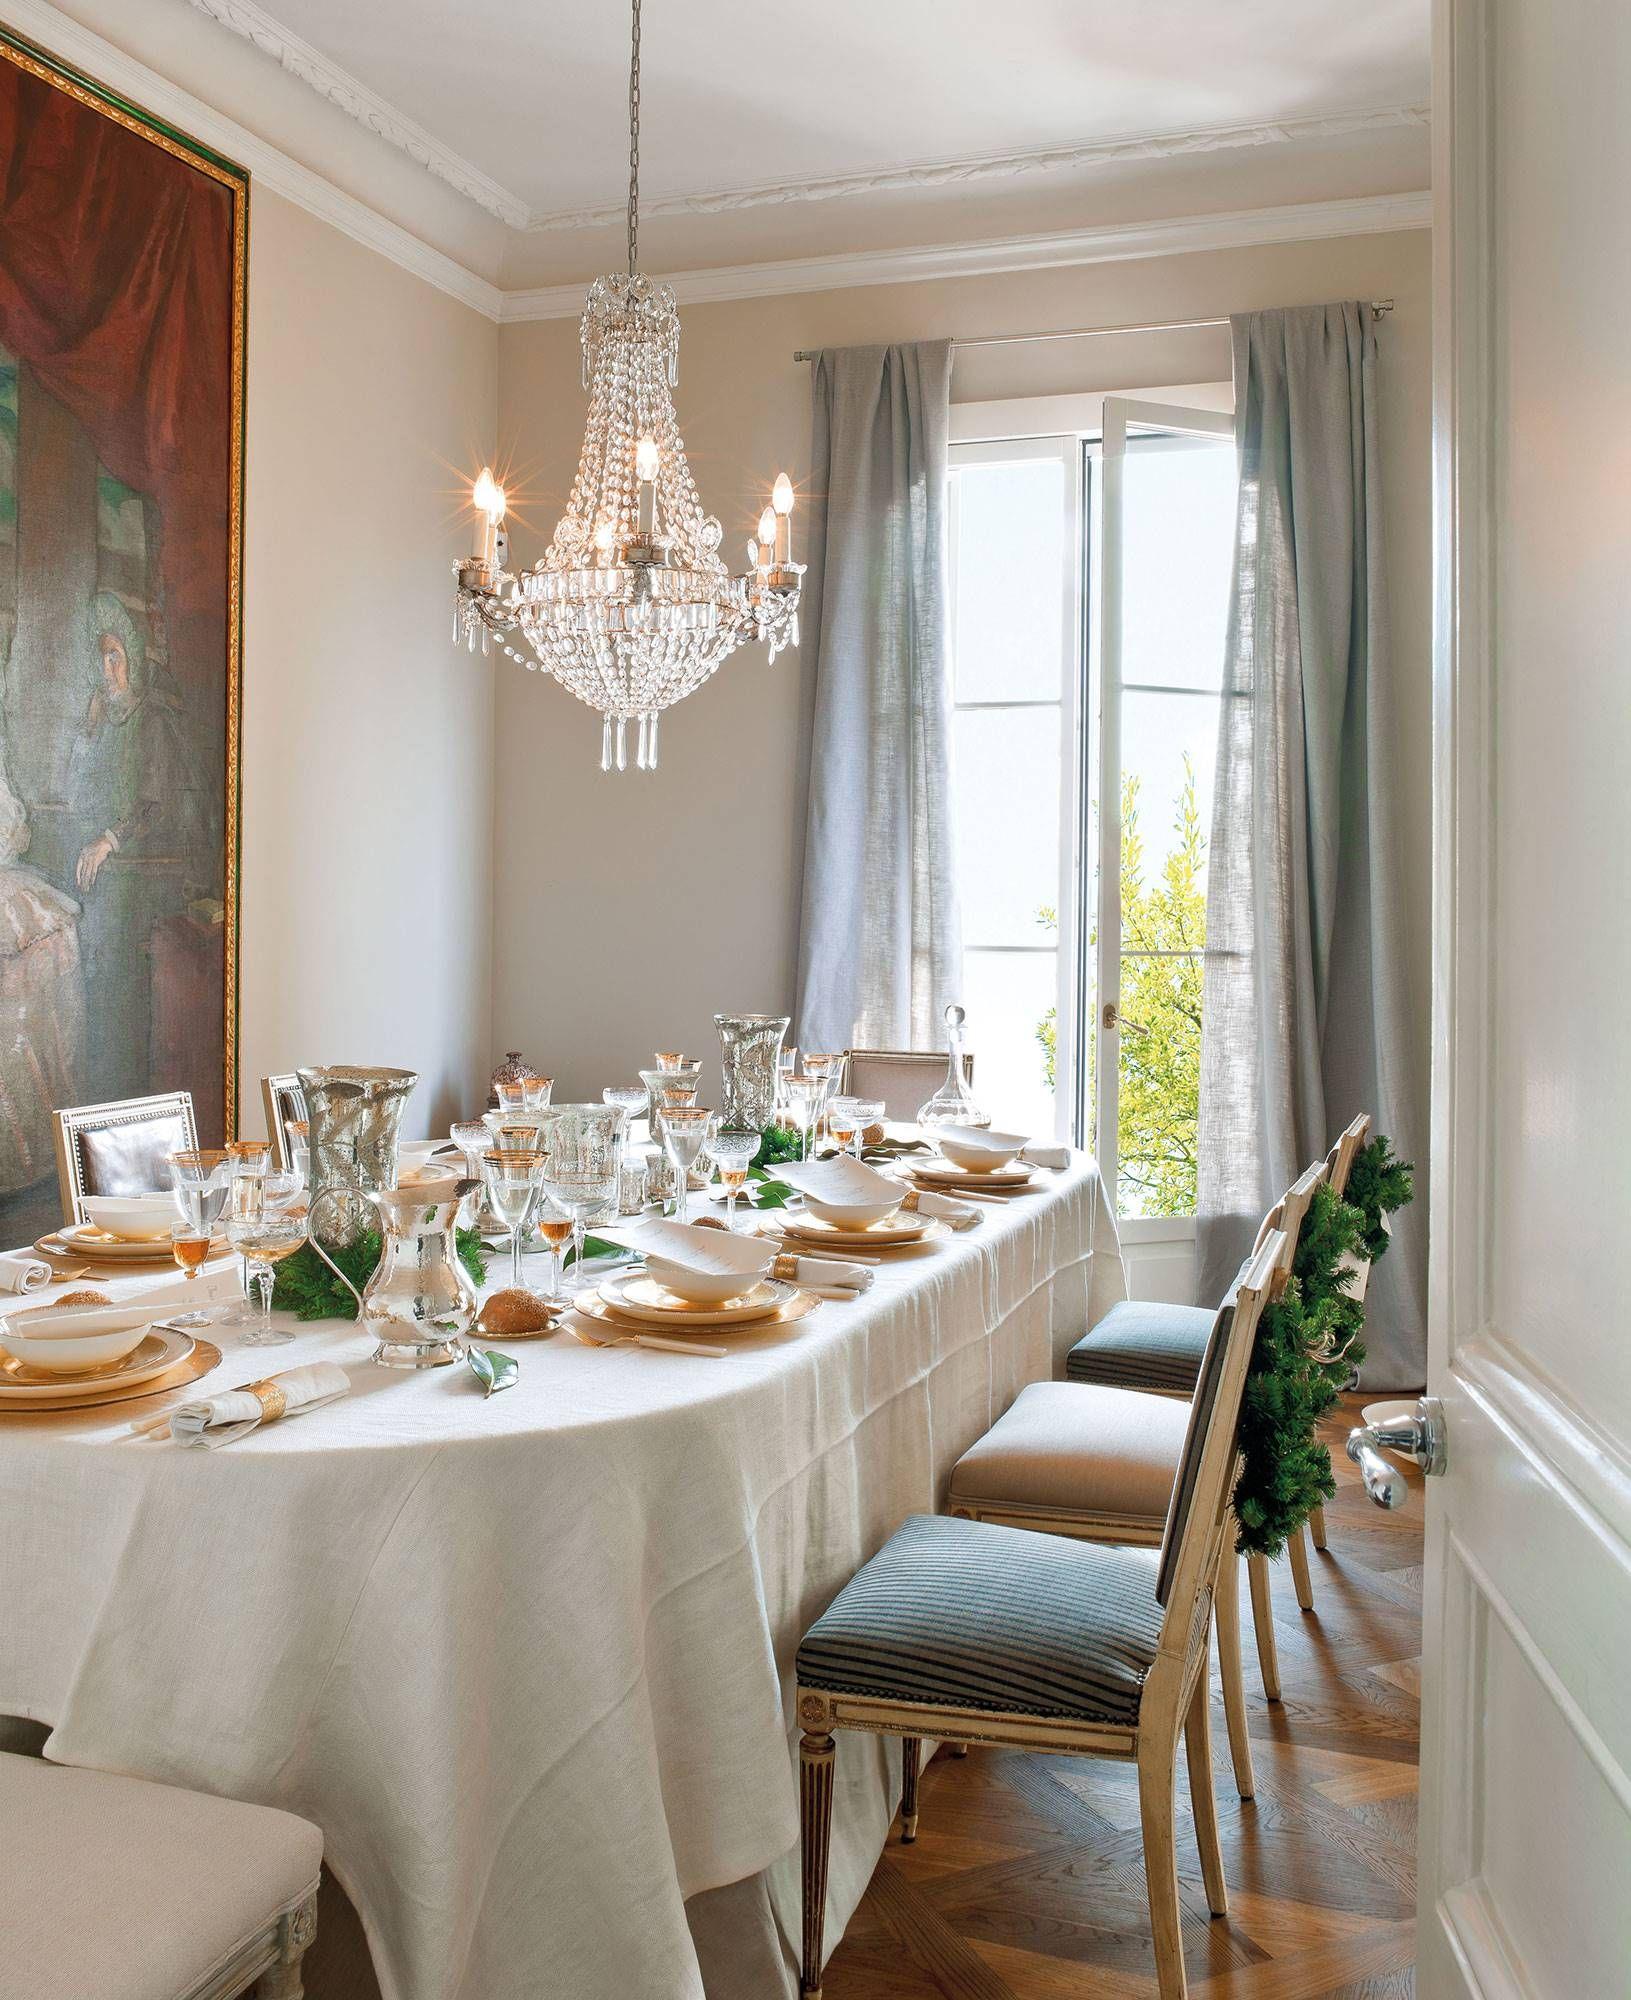 Comedor de navidad en la cocina casas de navidad - Decorar una mesa de comedor ...